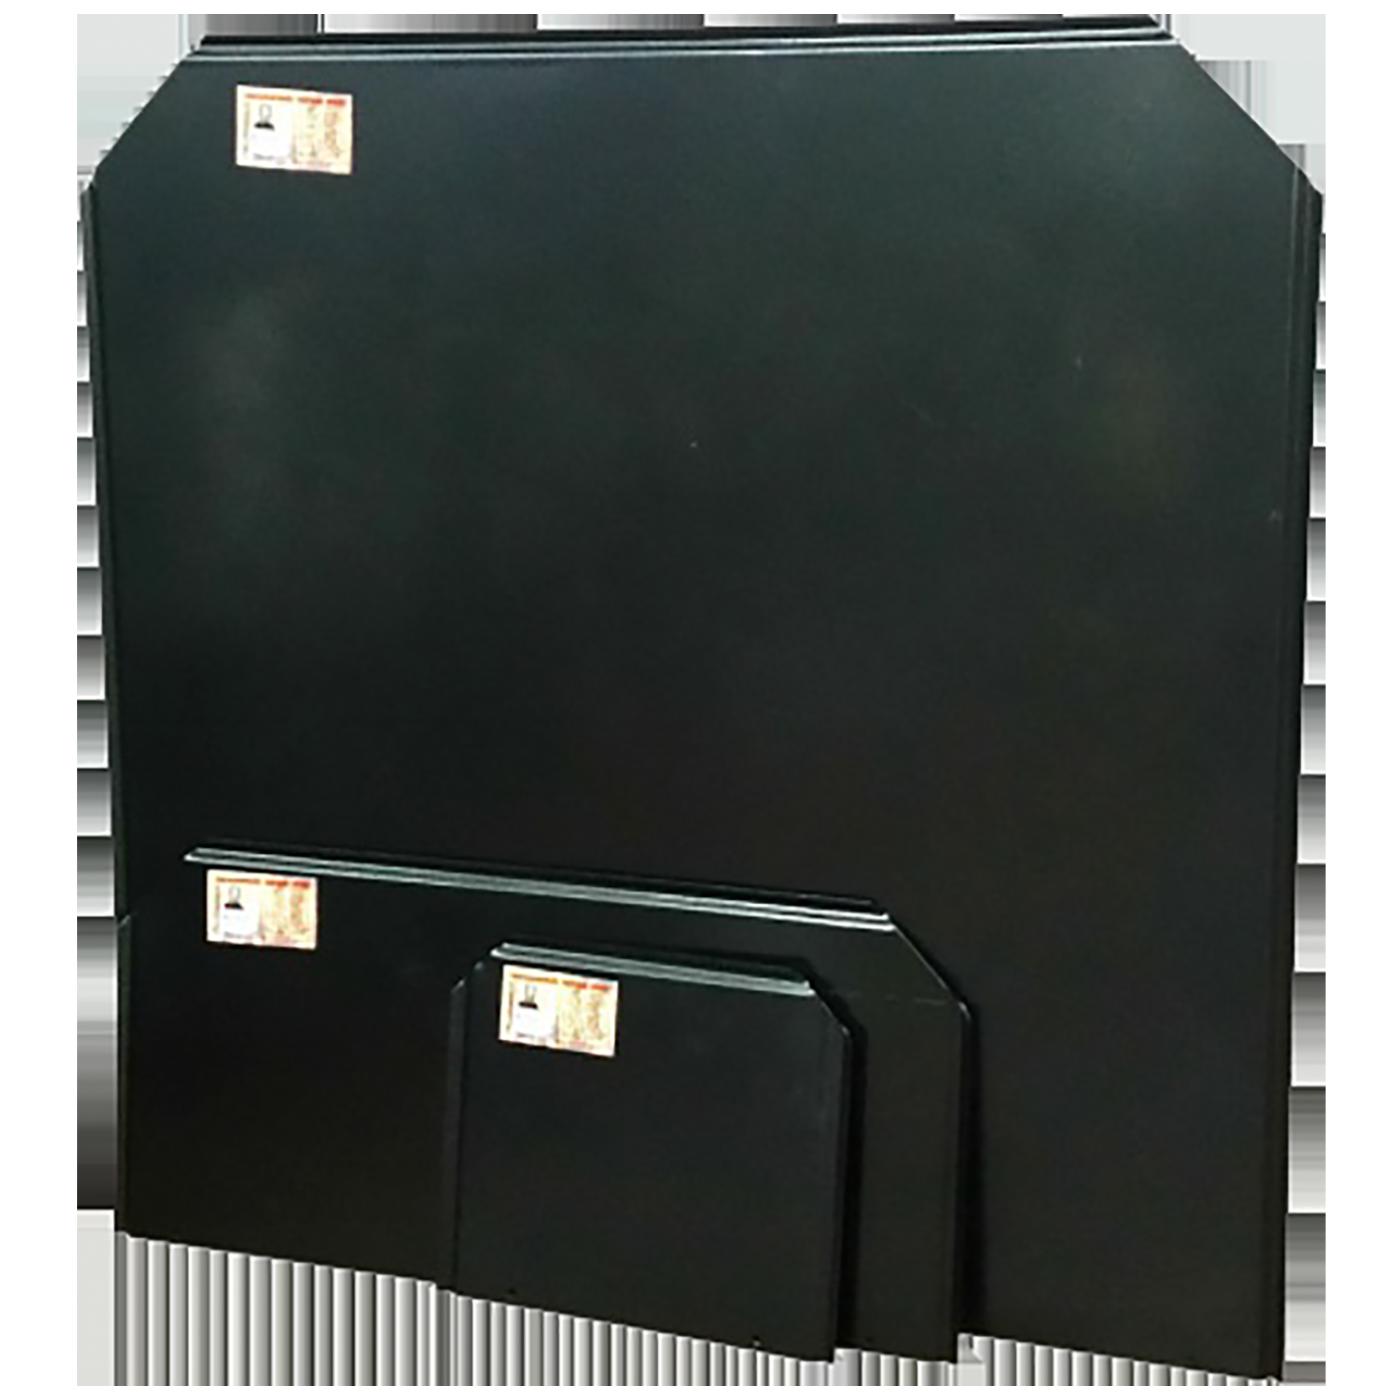 NN - Podmetač za peć 1x350x650